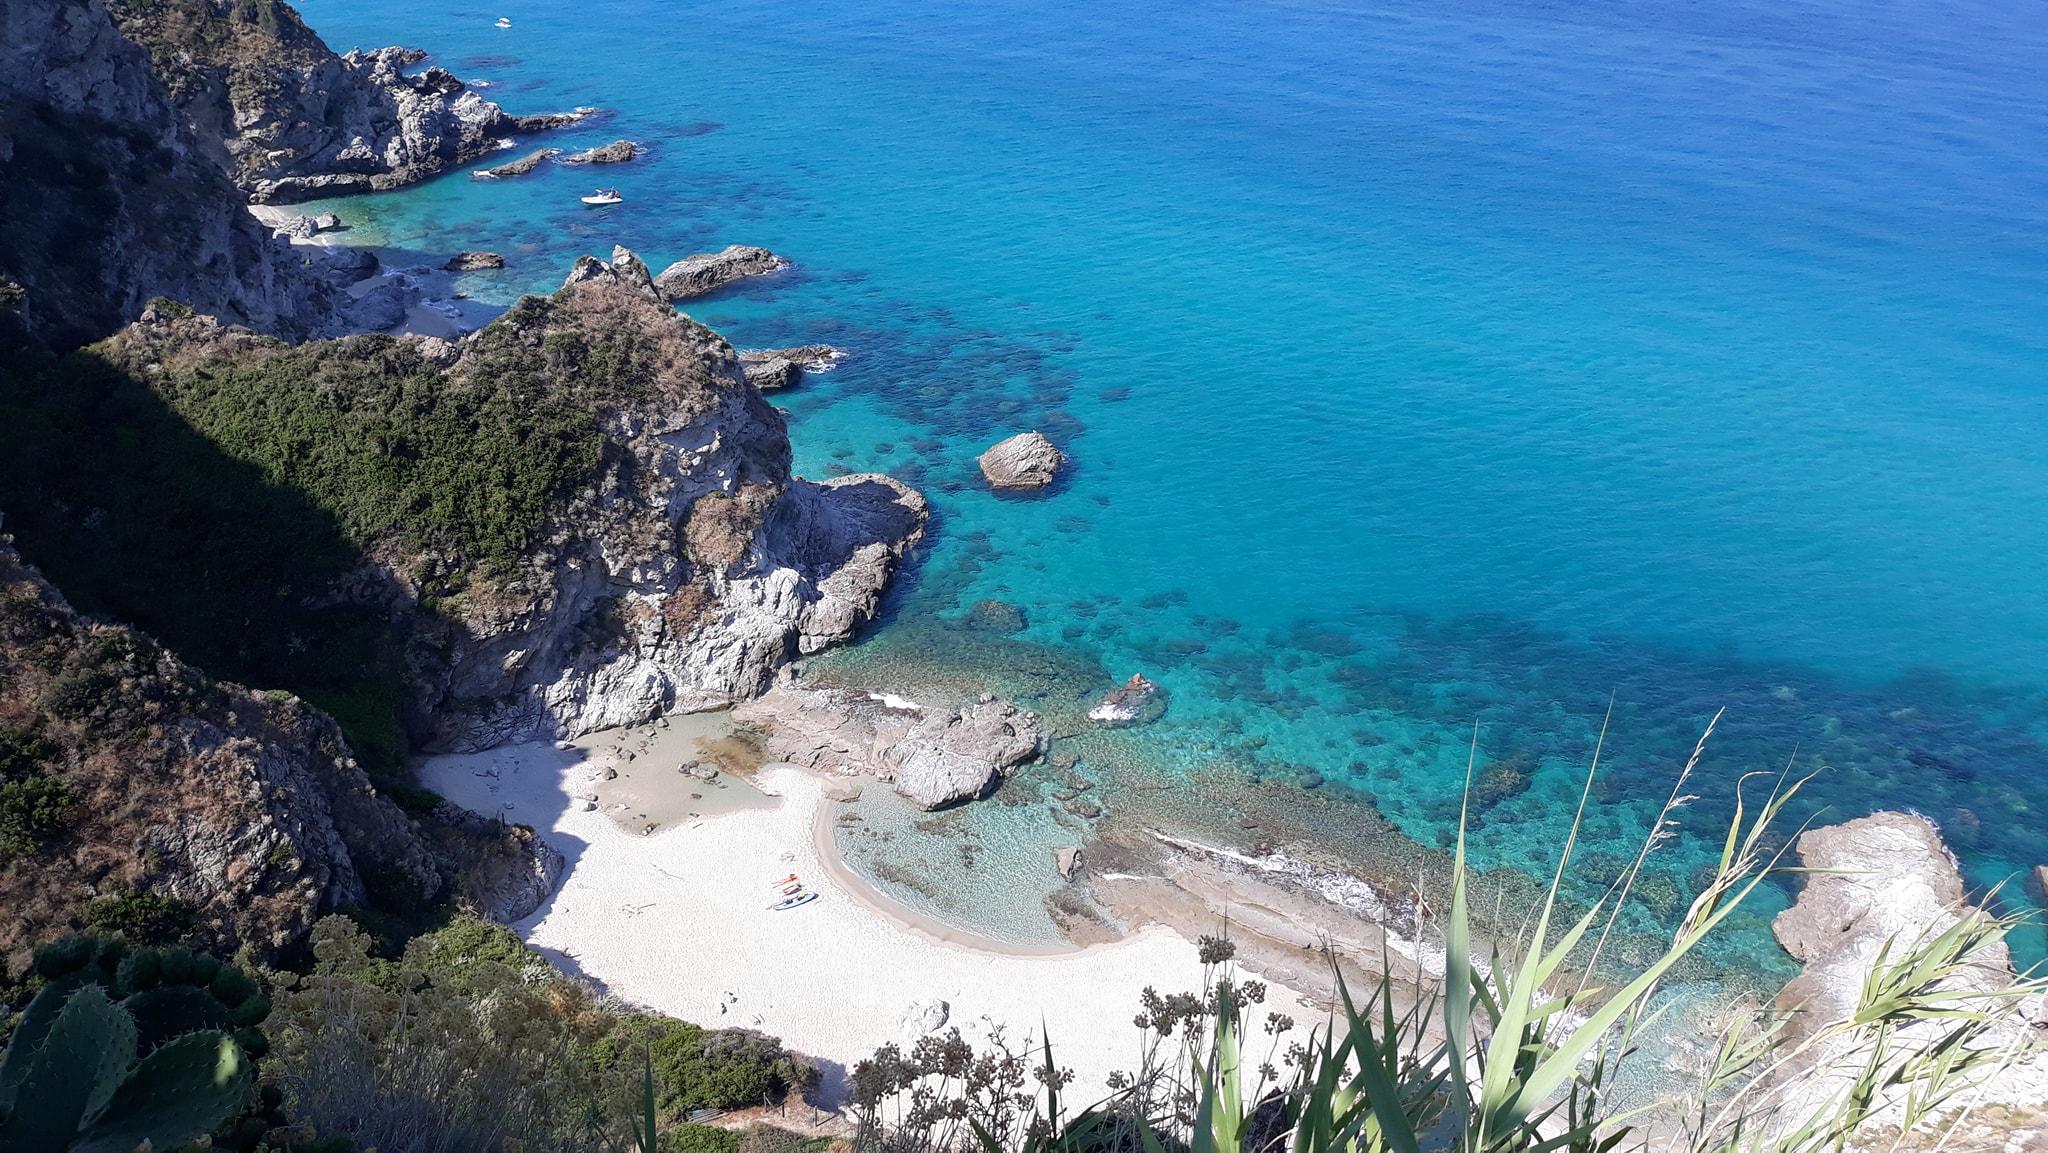 În sudul Italiei e sărăcie.Nu e loc nici să bagi Benveul pe plajă!